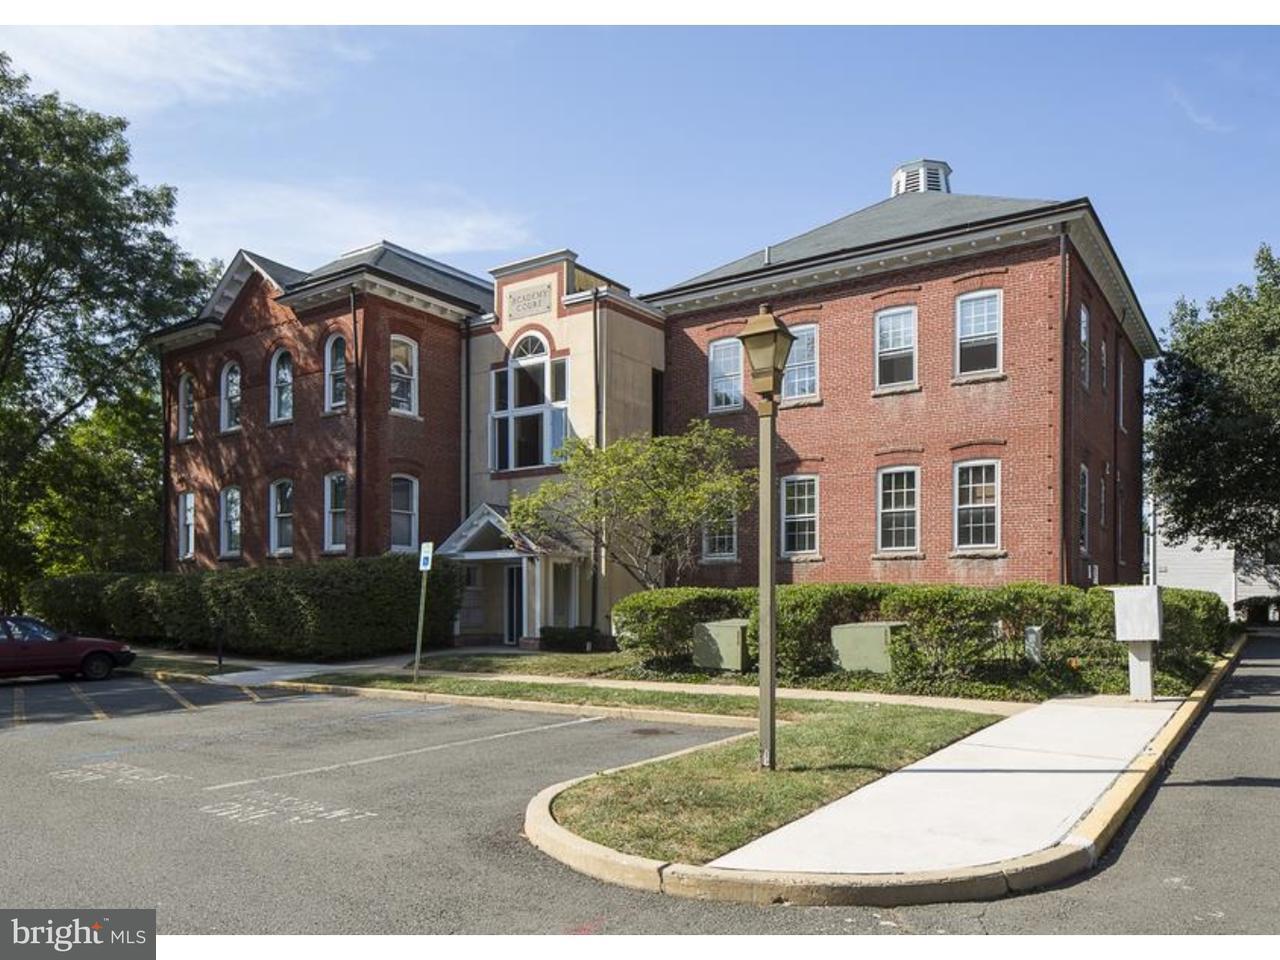 Таунхаус для того Продажа на 19 ACADEMY Court Pennington, Нью-Джерси 08534 Соединенные ШтатыВ/Около: Pennington Borough